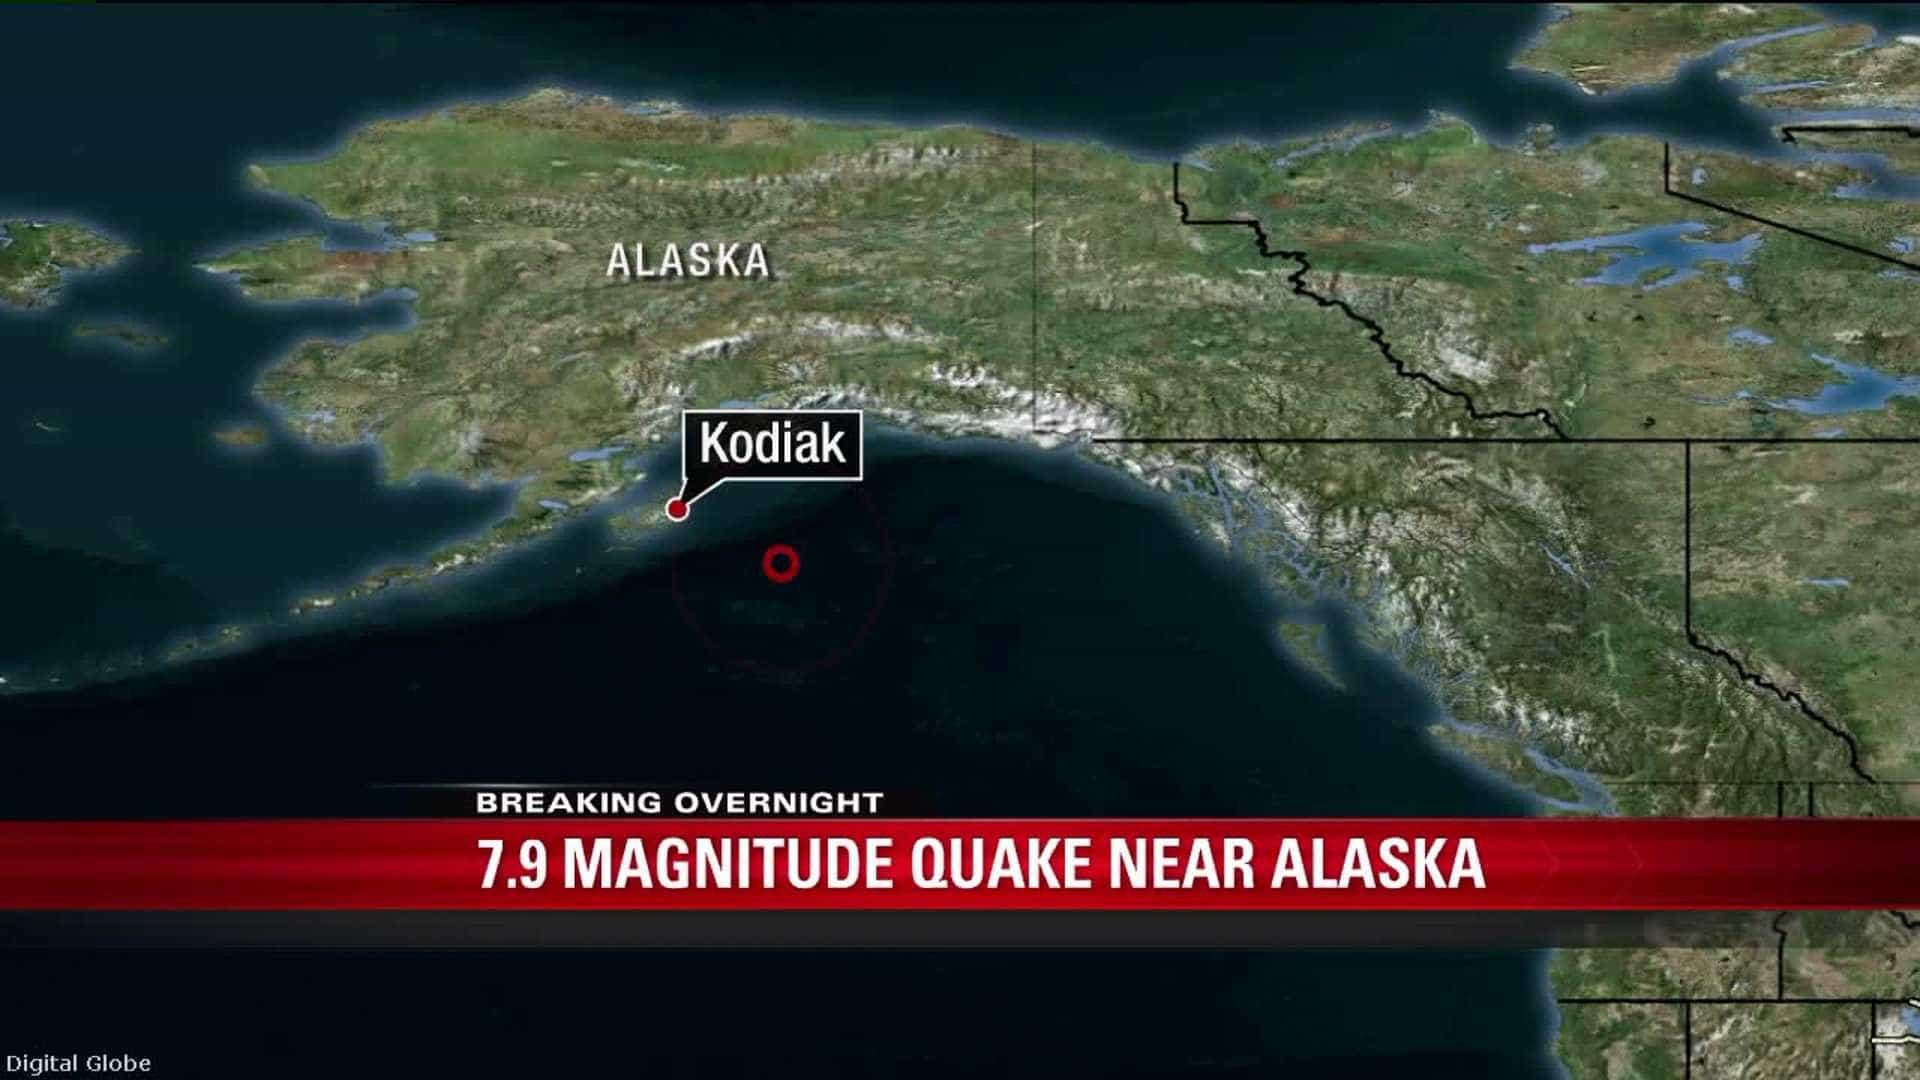 Após forte terremoto no Alasca, EUA disparam alerta de tsunami